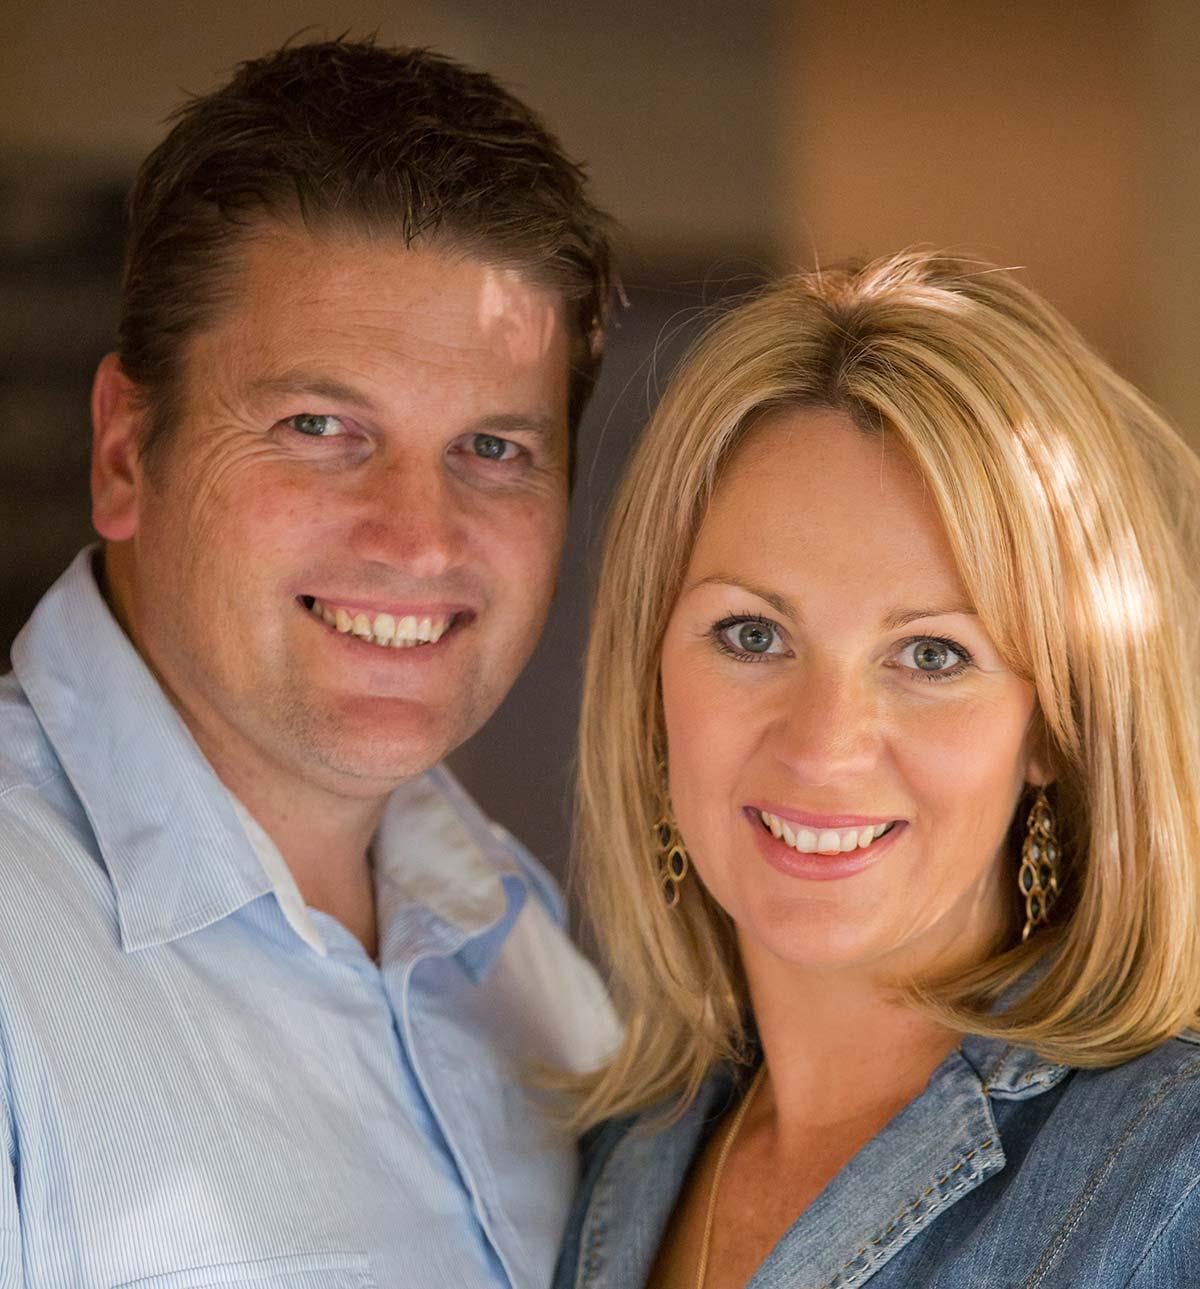 Tim and Amanda